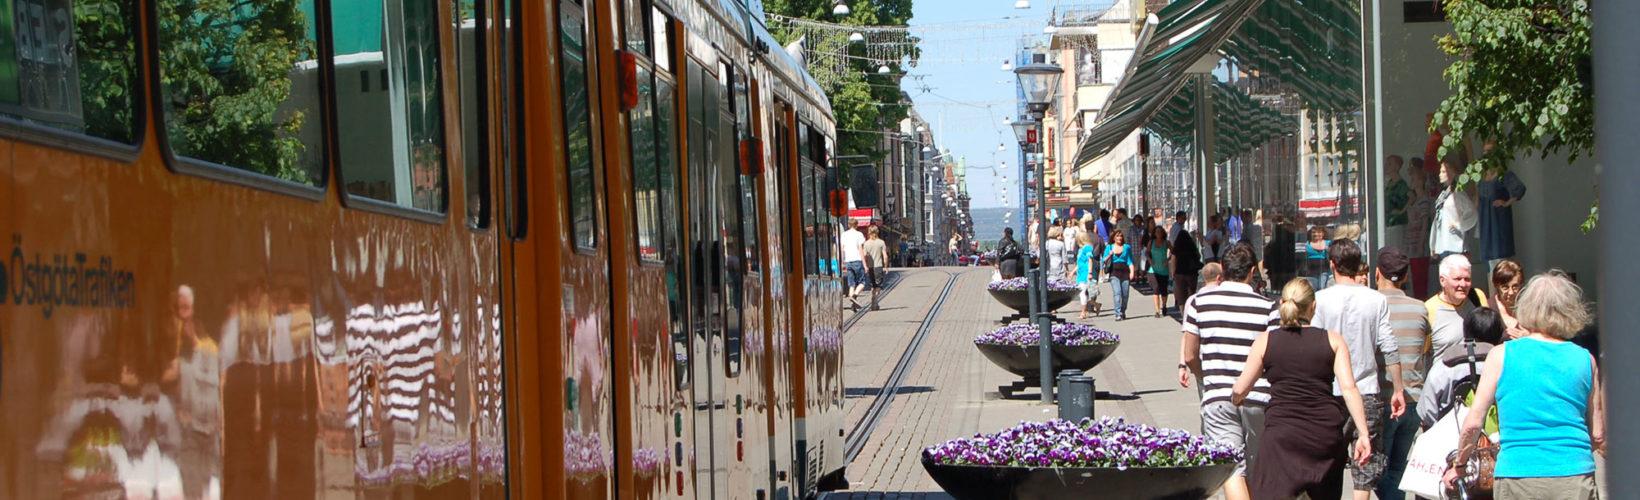 Visit Norrköping